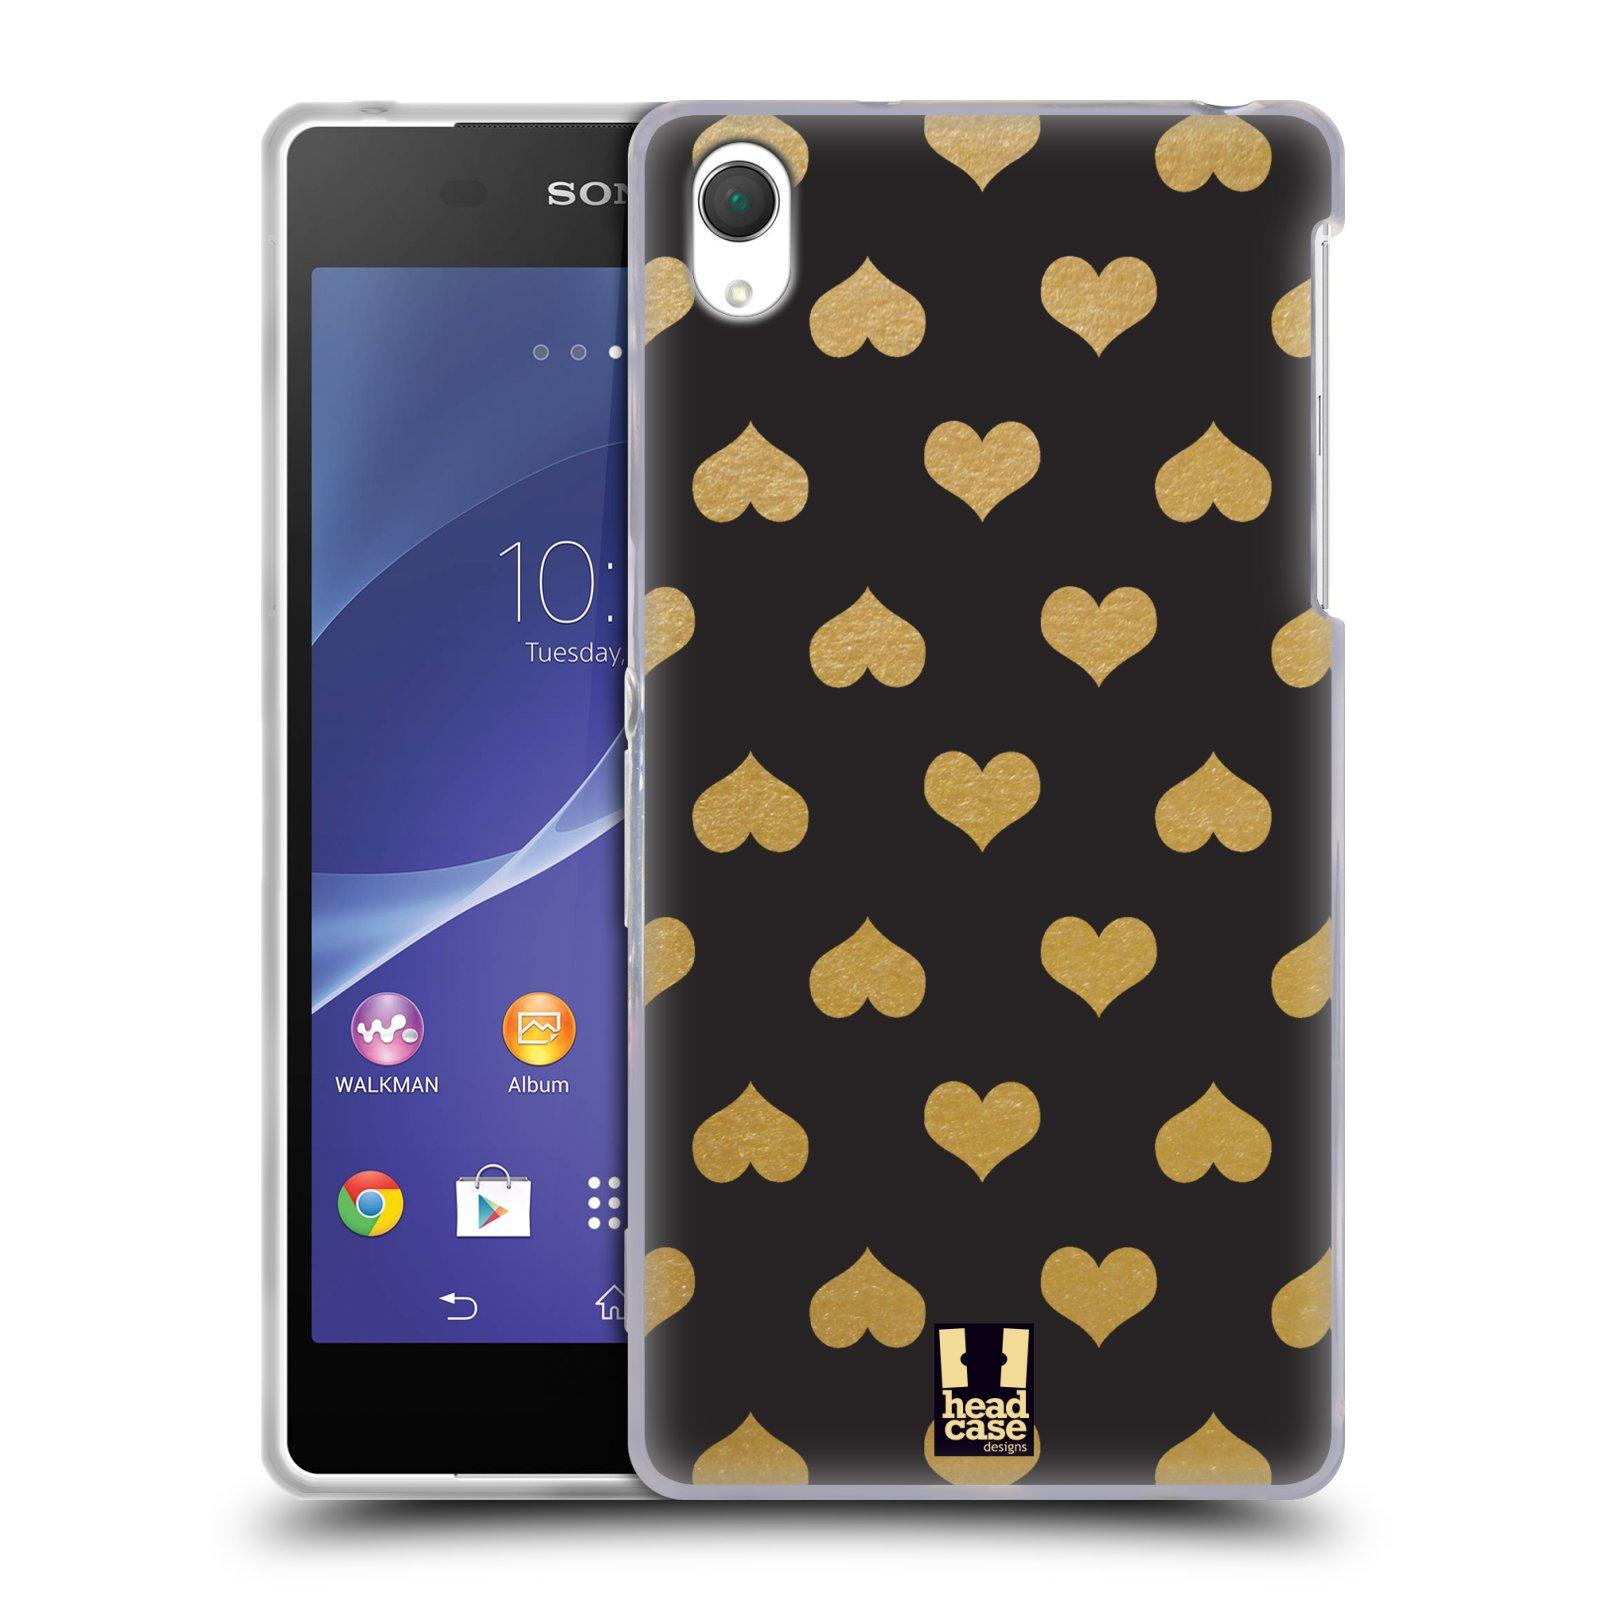 Silikonové pouzdro na mobil Sony Xperia Z2 D6503 HEAD CASE ZLATÁ SRDÍČKA